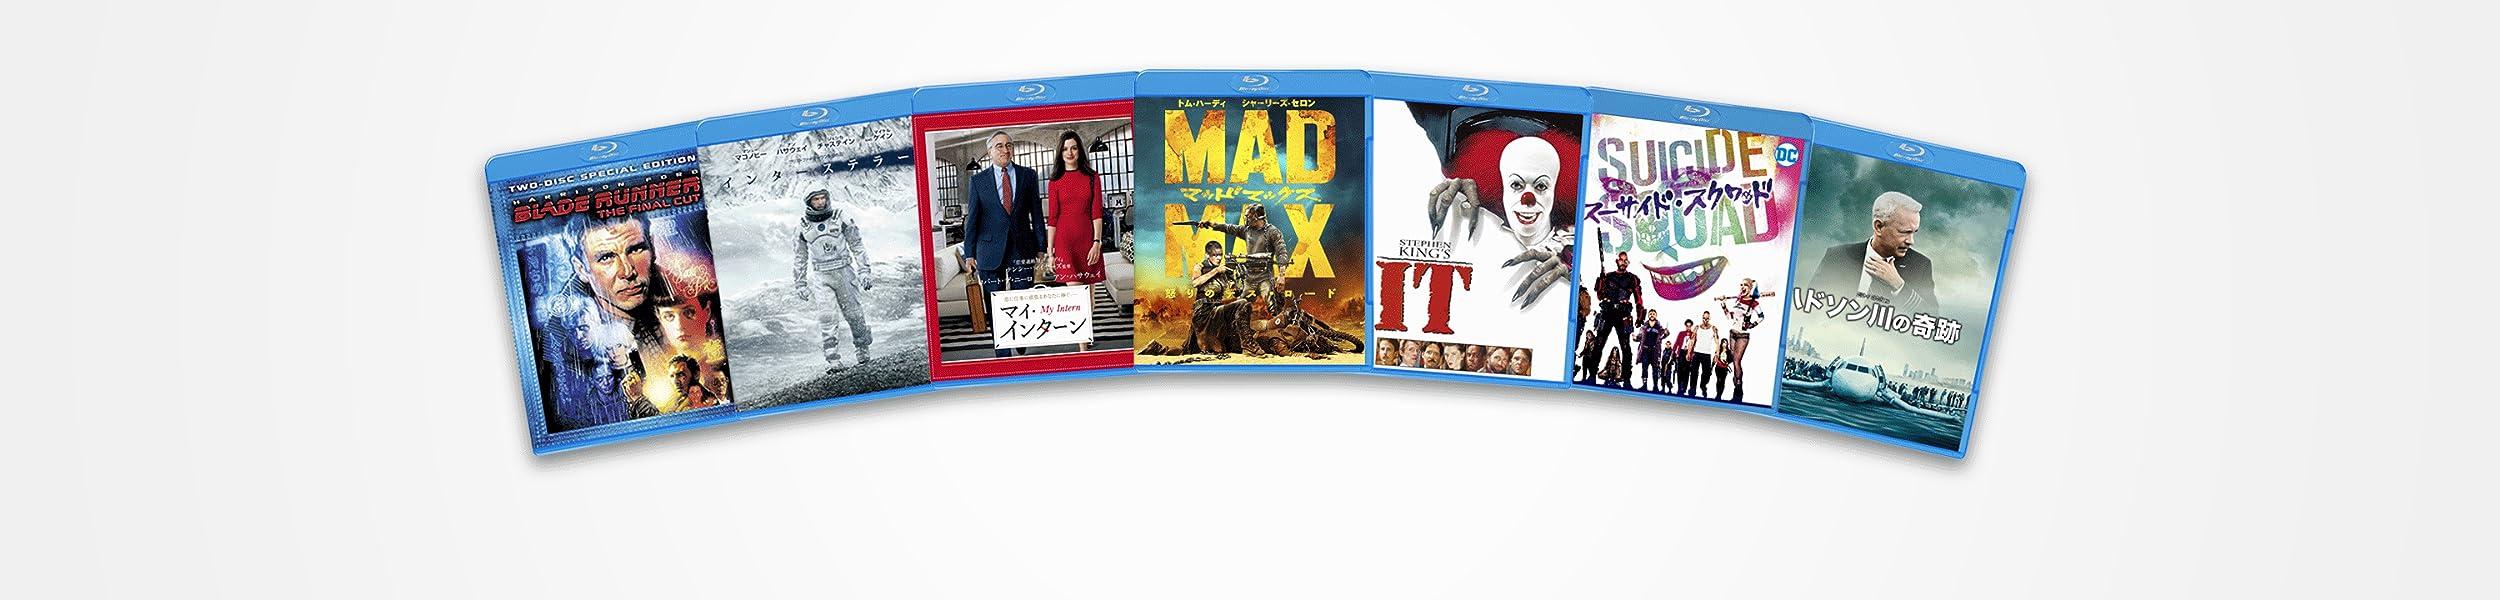 3/31までまでワーナー映画作品のブルーレイが1枚1,080円セール対象タイトル450本以上